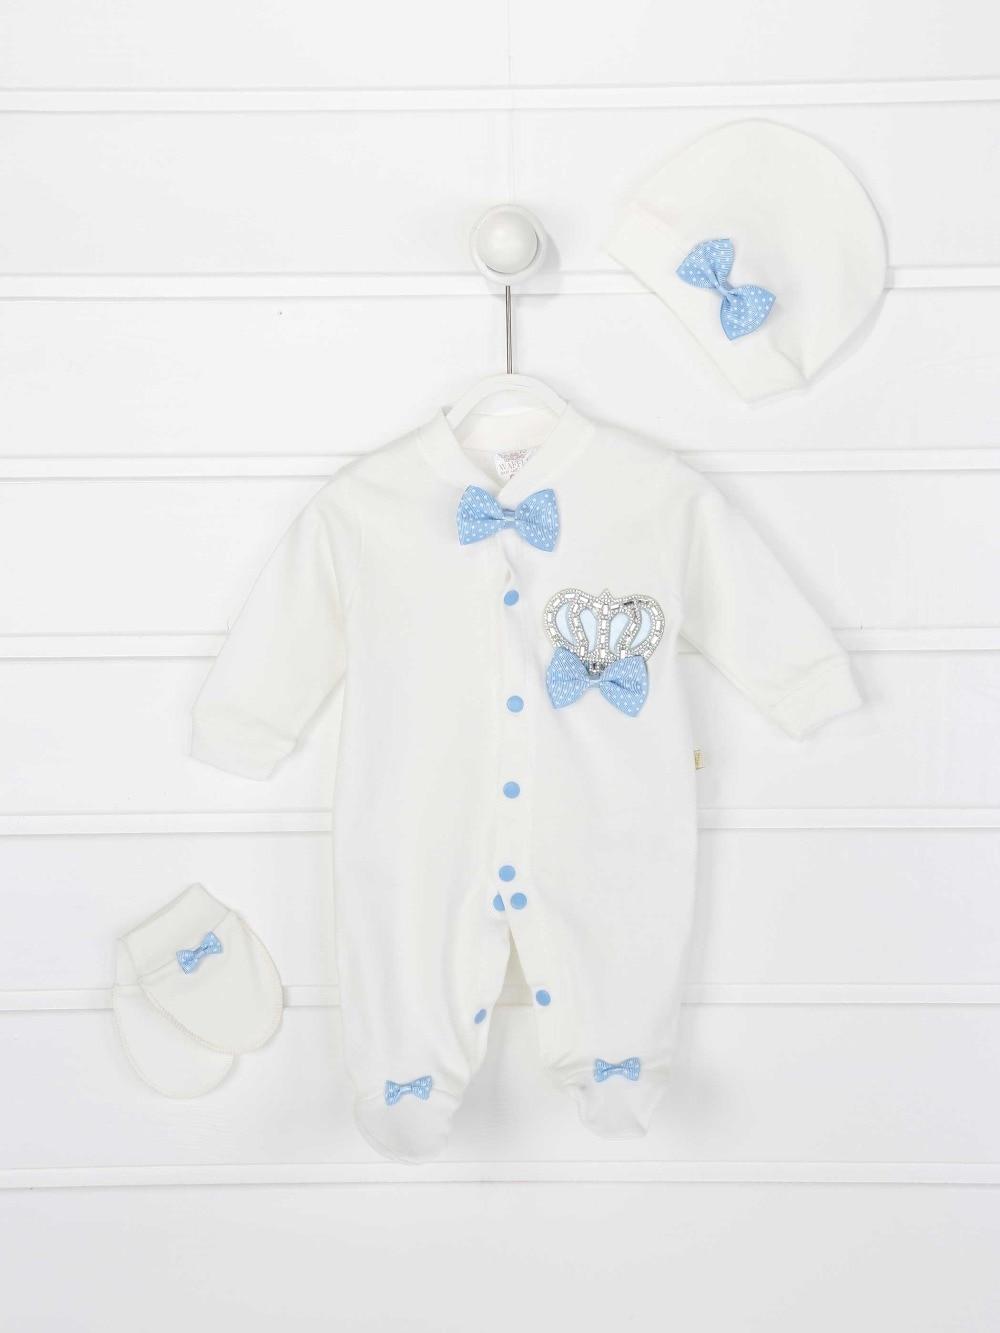 082-2022-015 Mavi Kral Taçlı Erkek Bebek 3 lü Tulum (1)